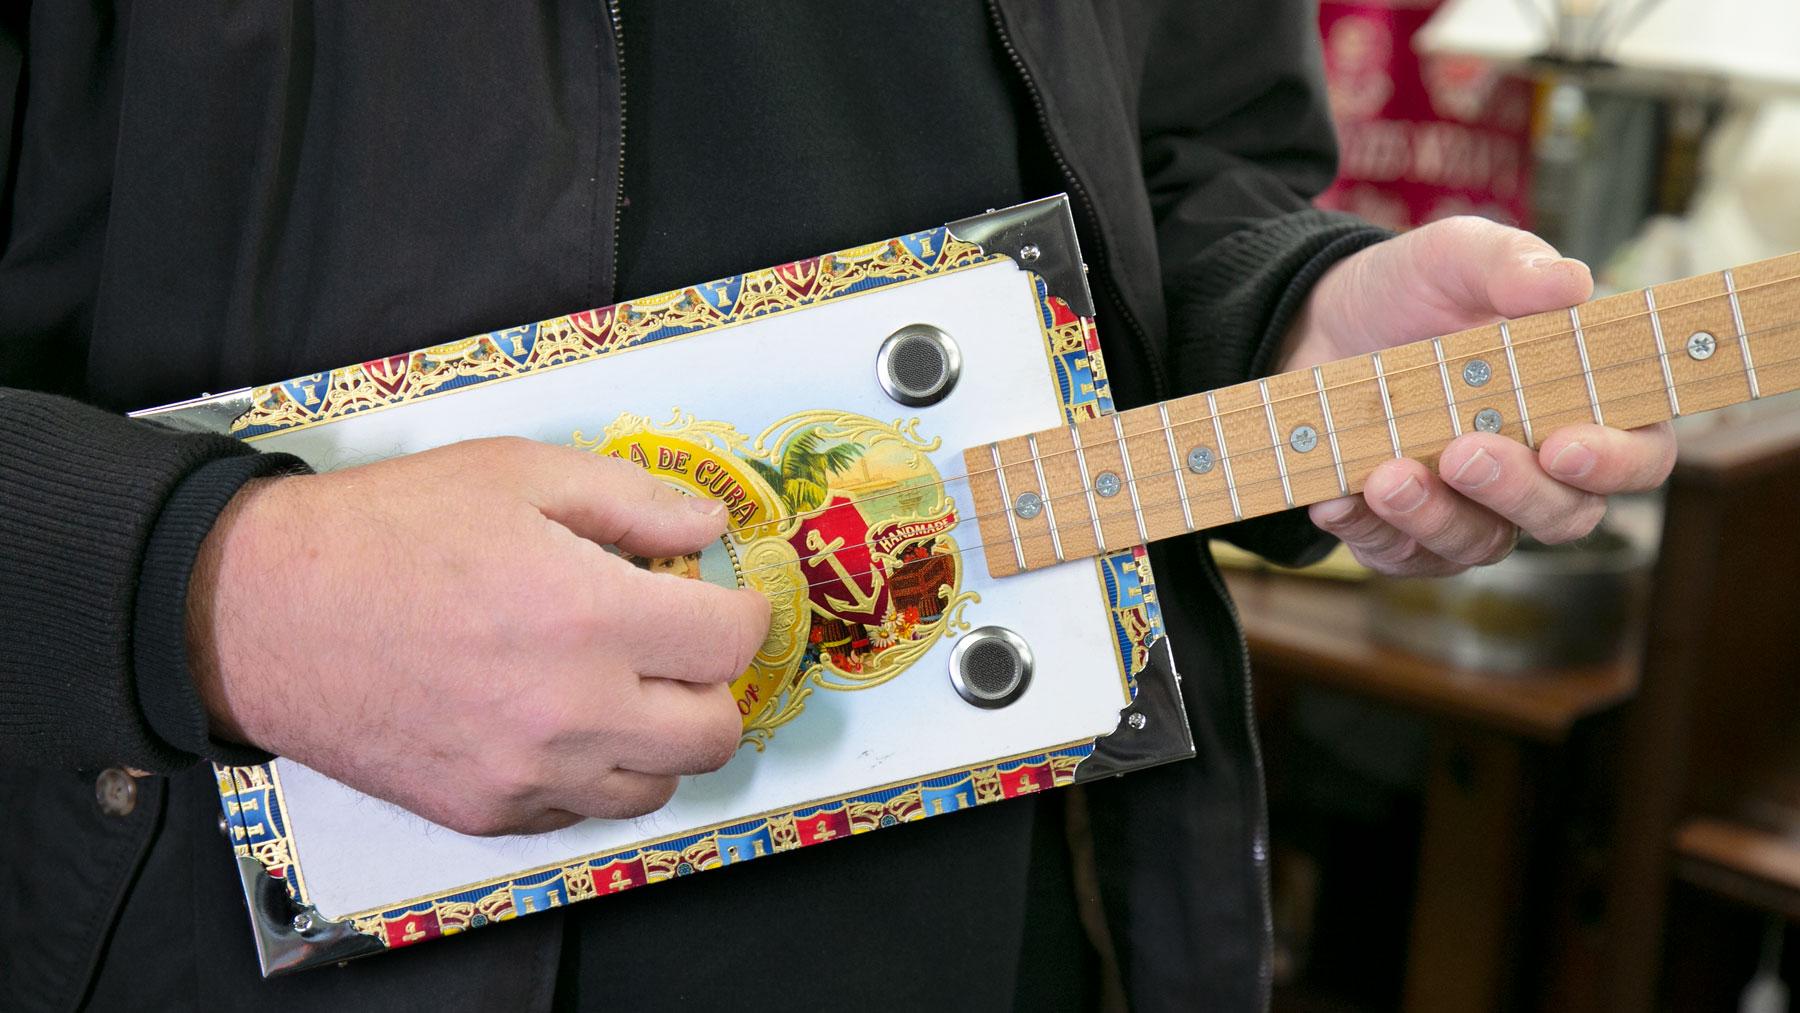 La Aroma de Cuba cigar box guitar